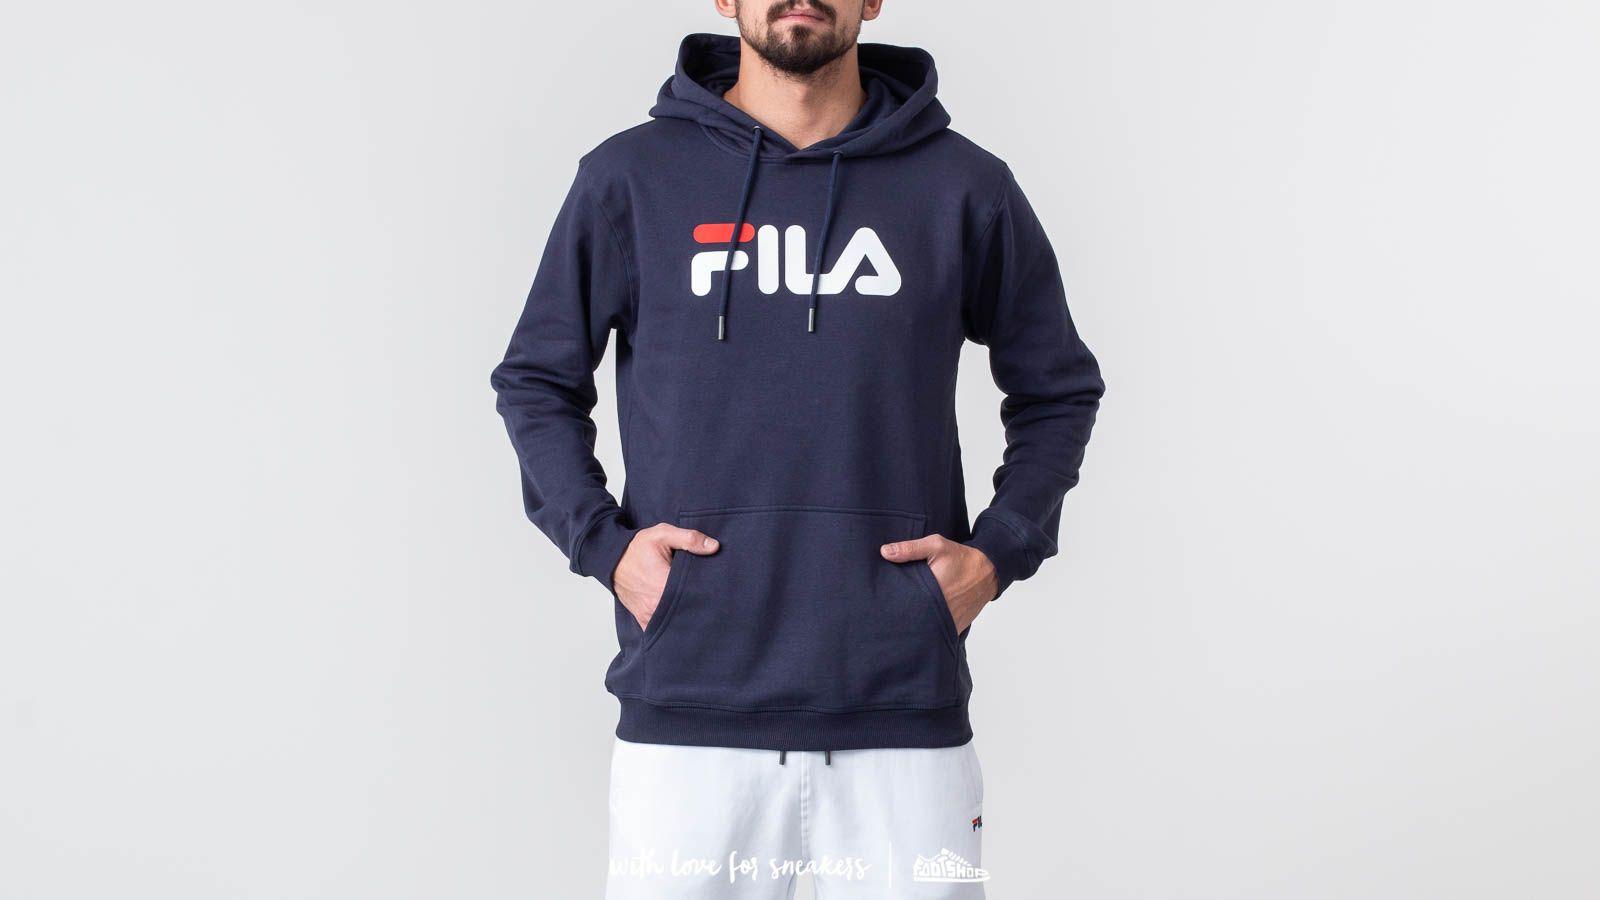 FILA Pure Hoodie Black Iris za skvelú cenu 37 € kúpite na Footshop.sk